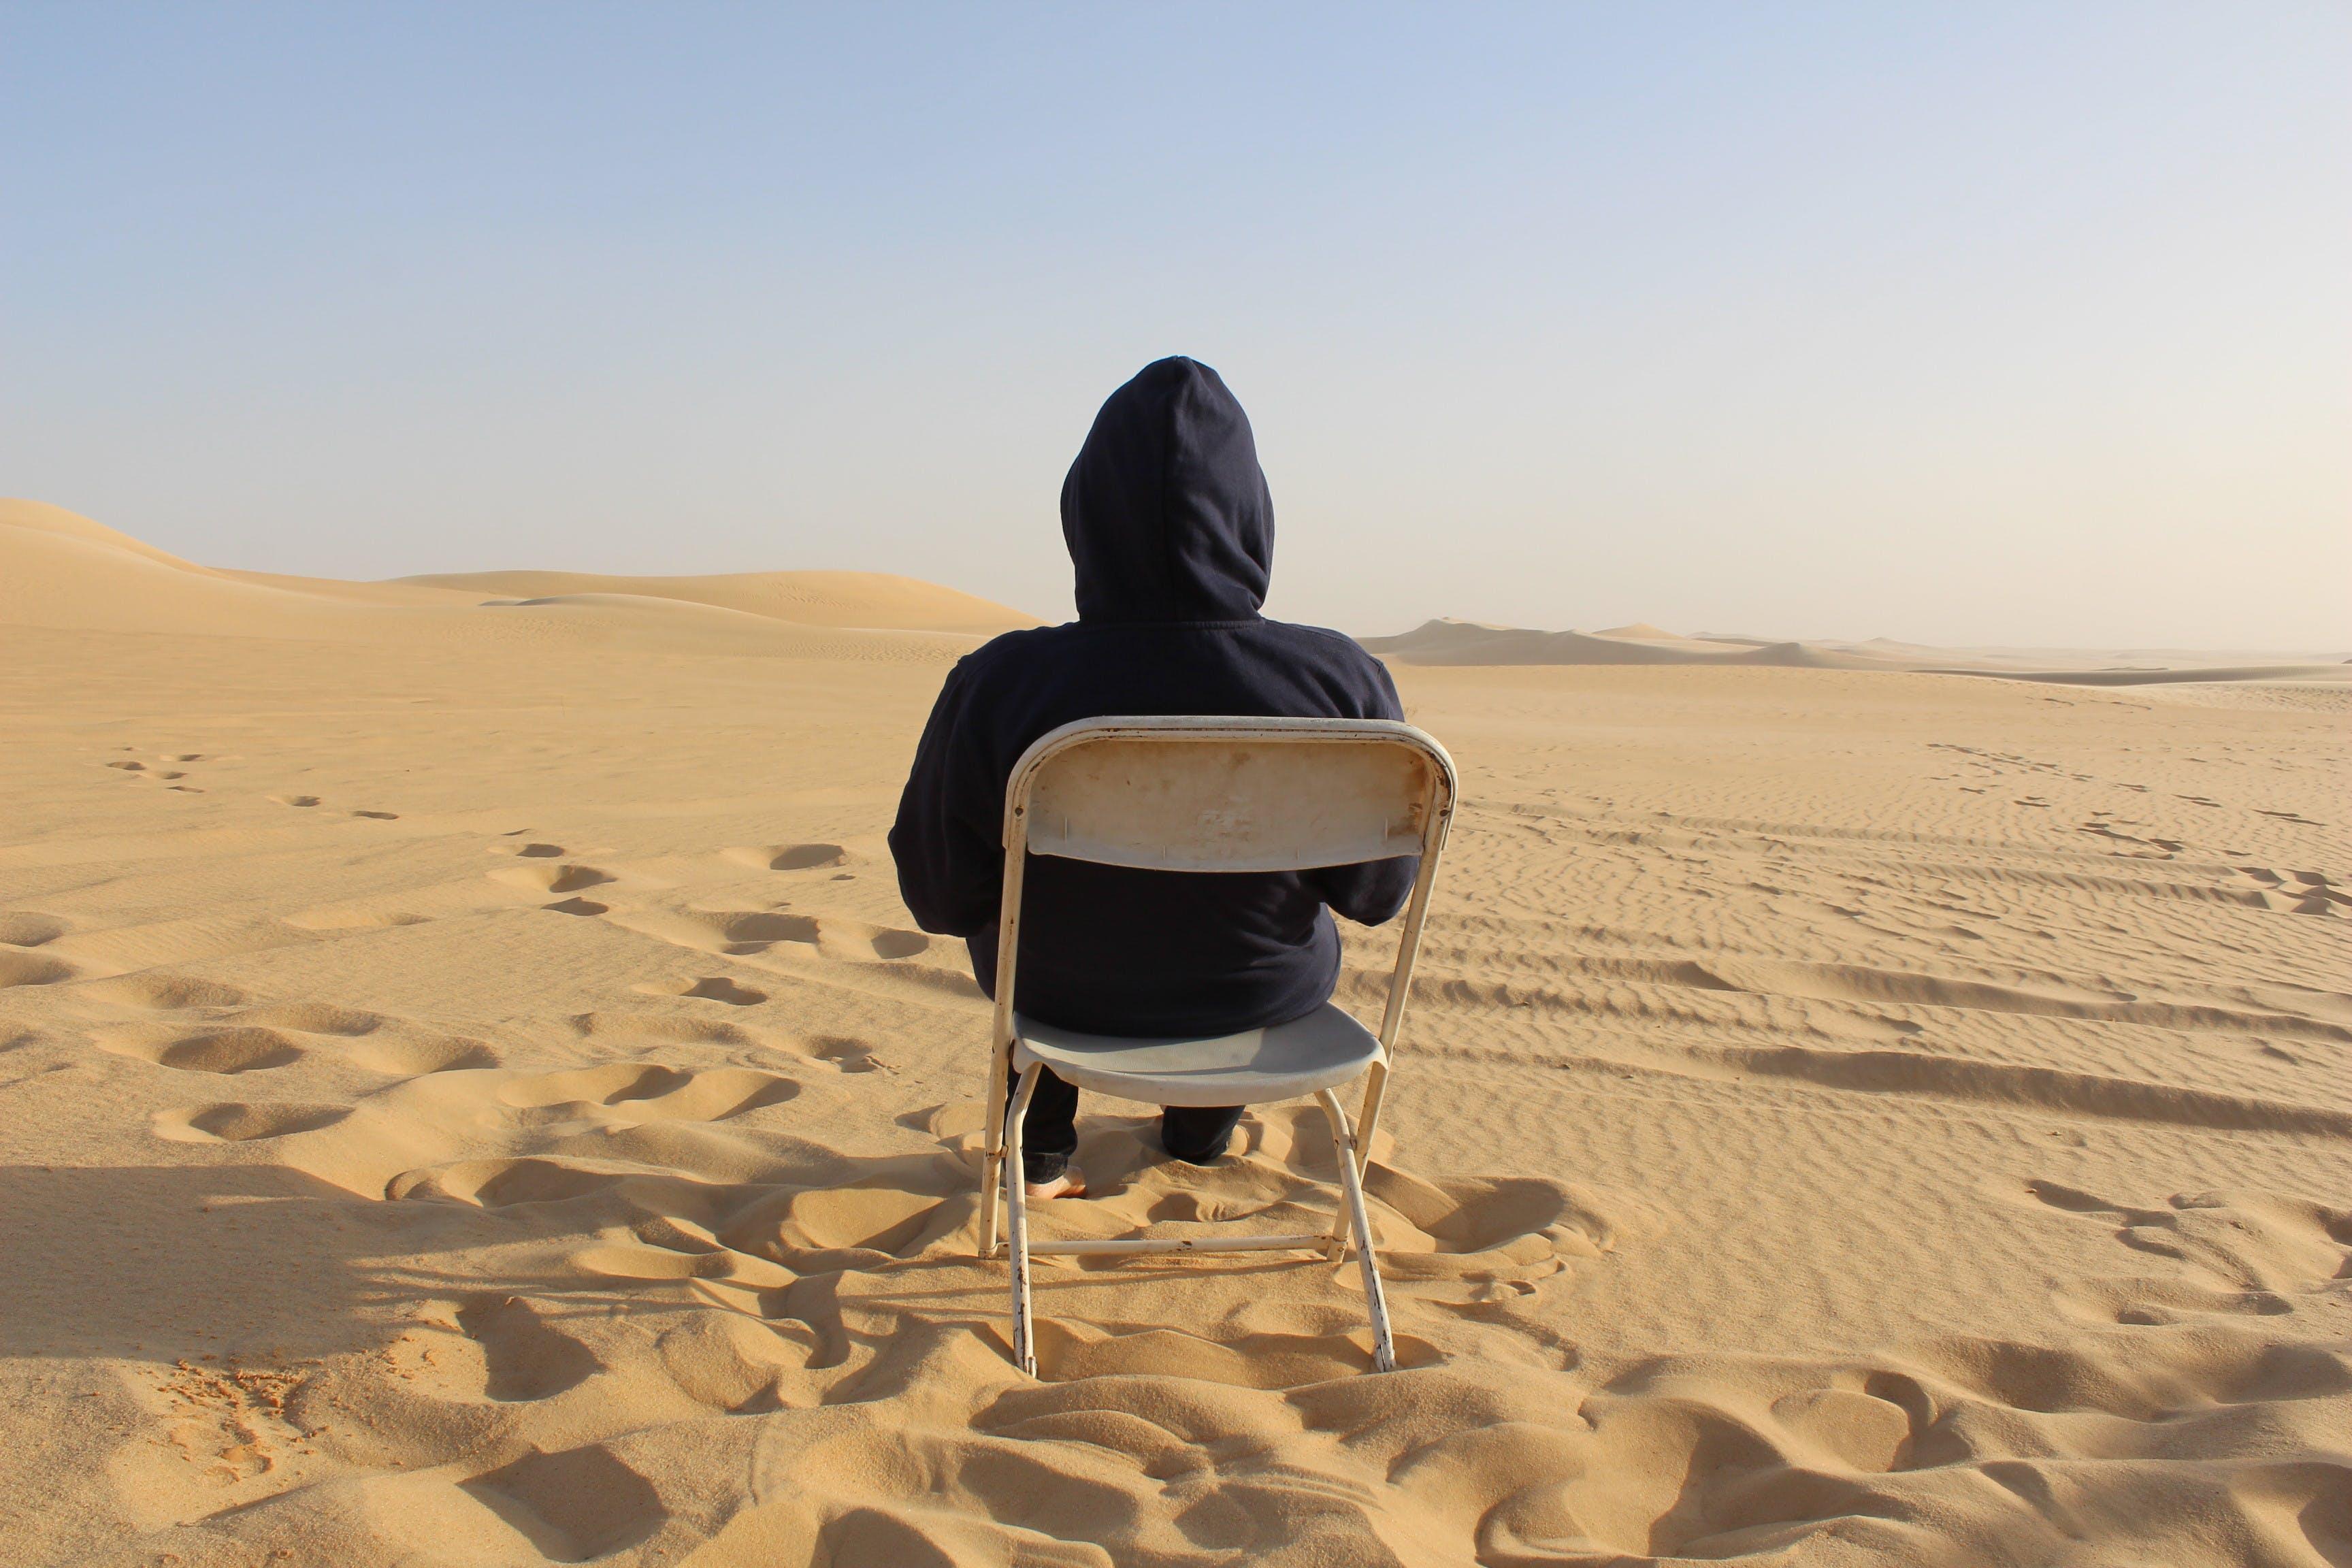 về các đụn cát, cằn cỗi, cát, cồn cát